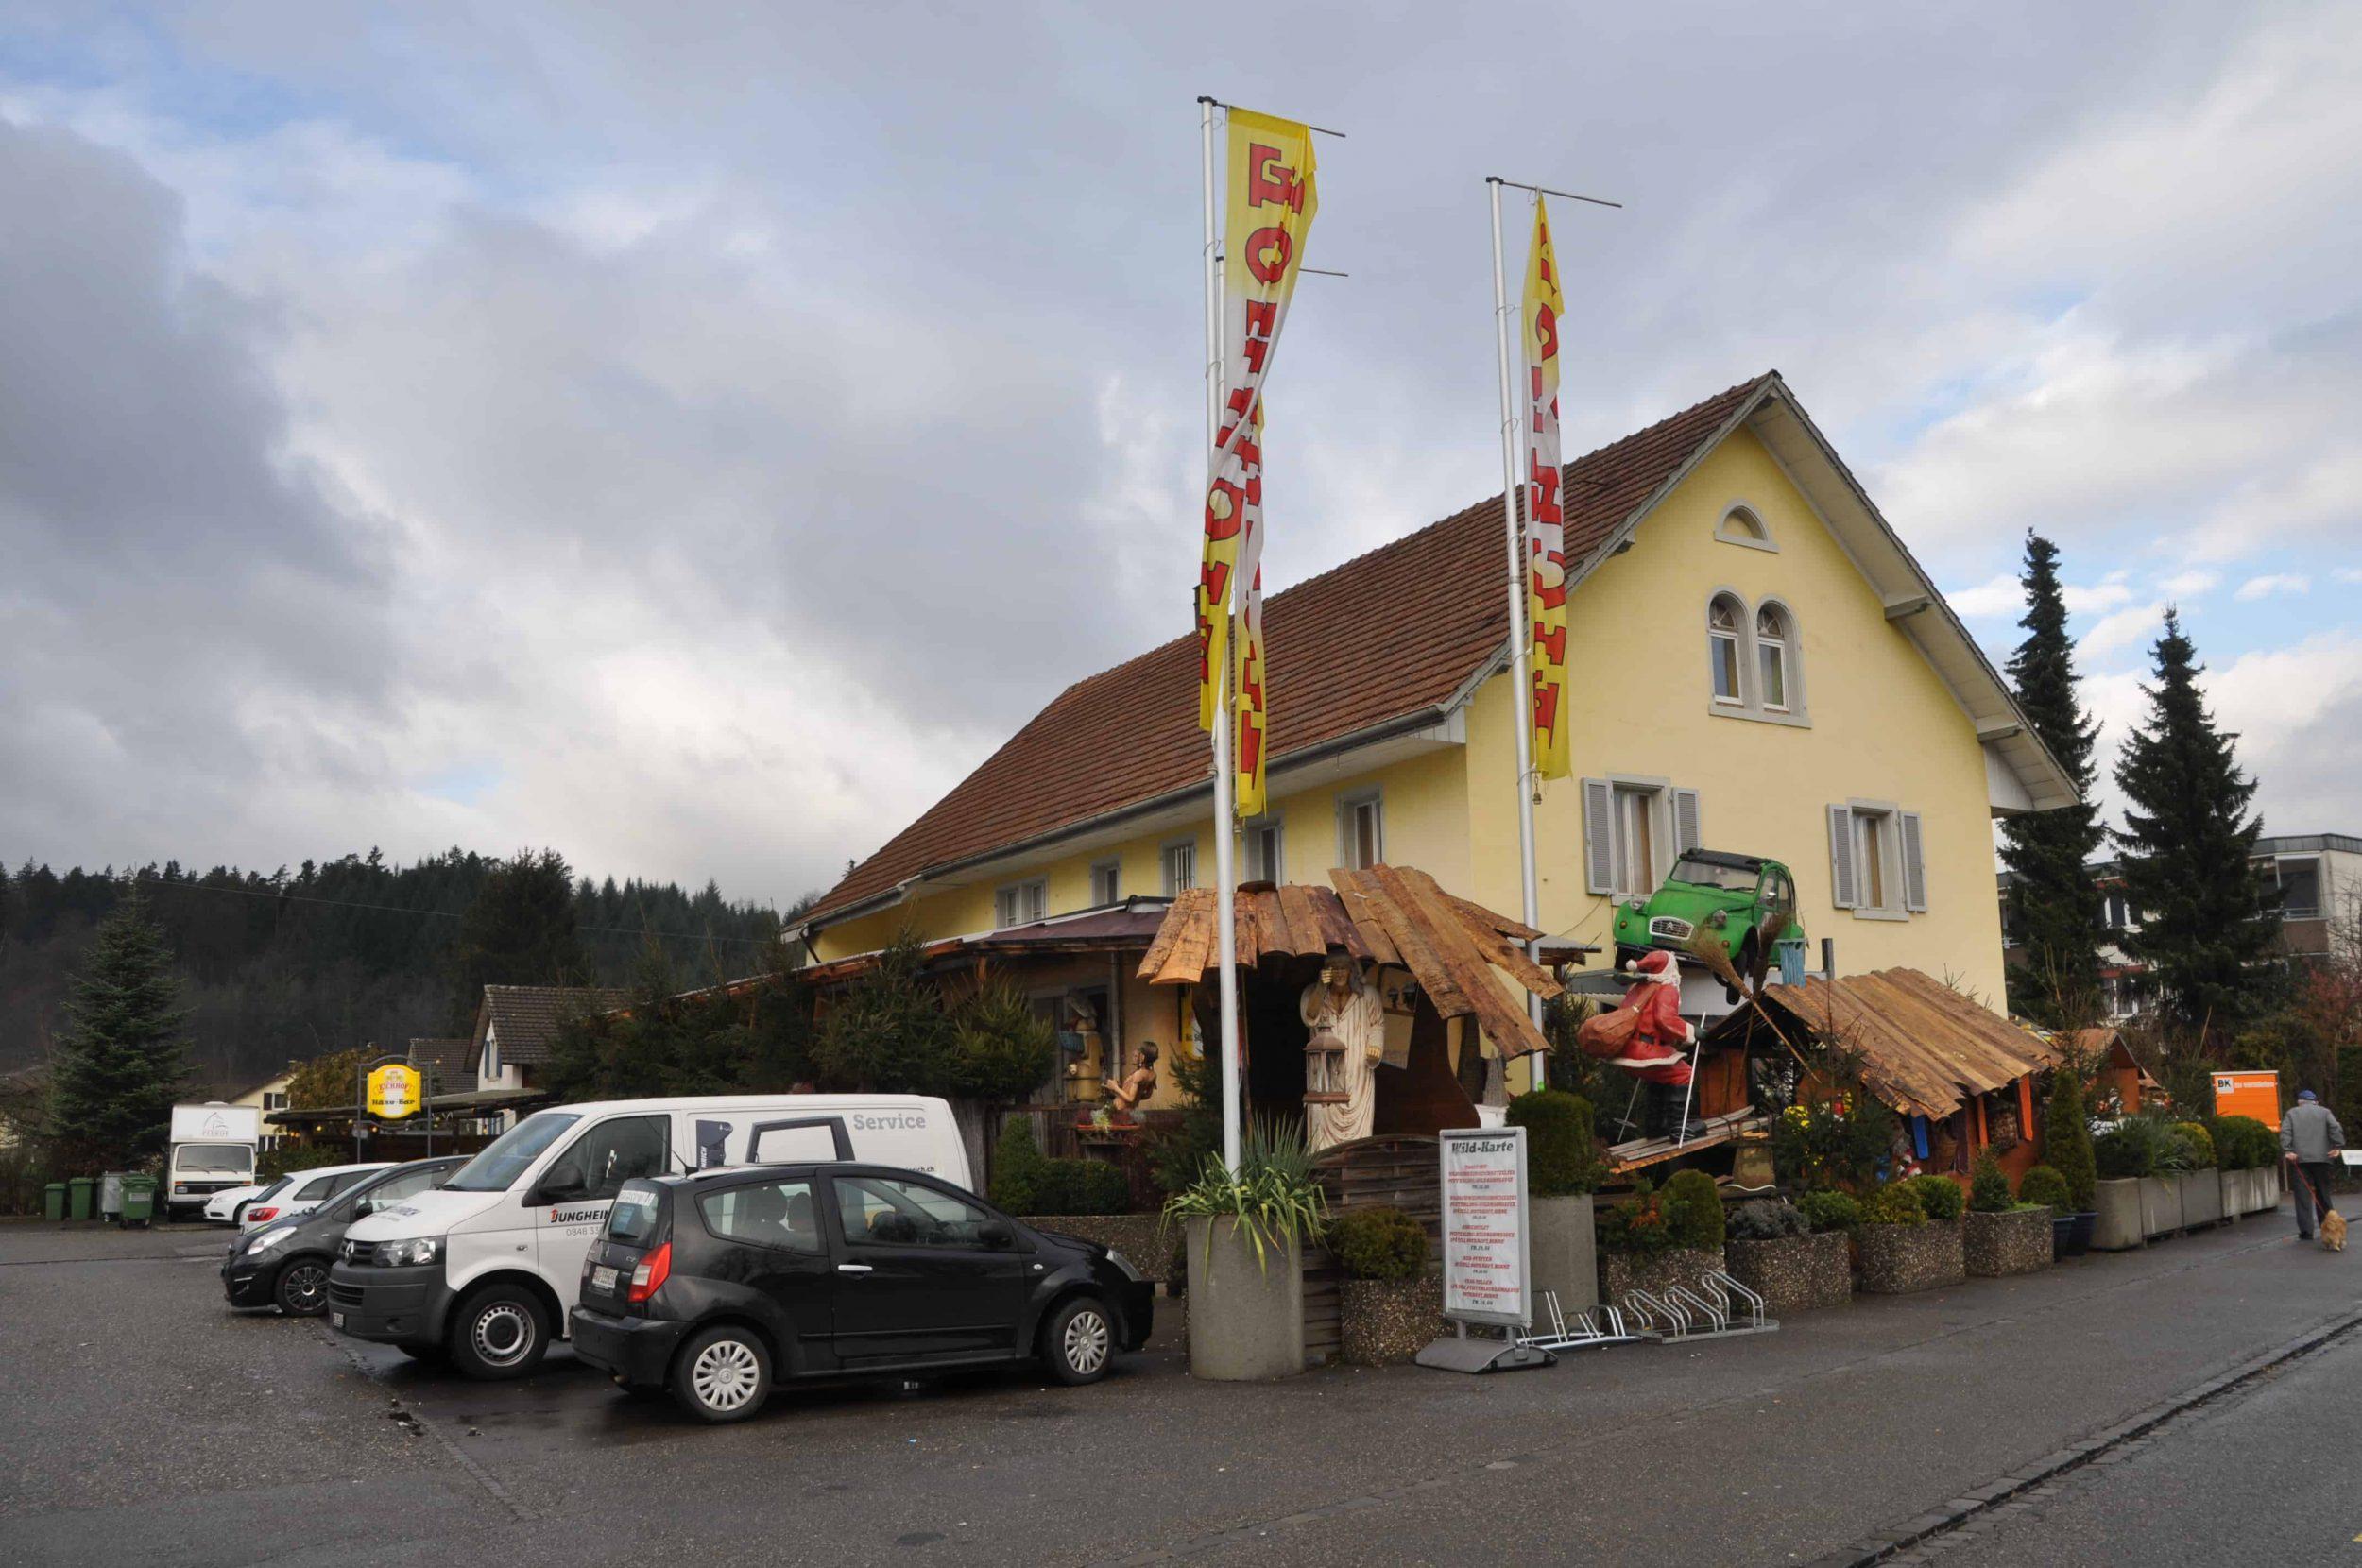 Big Sterne Restaurant Hausen